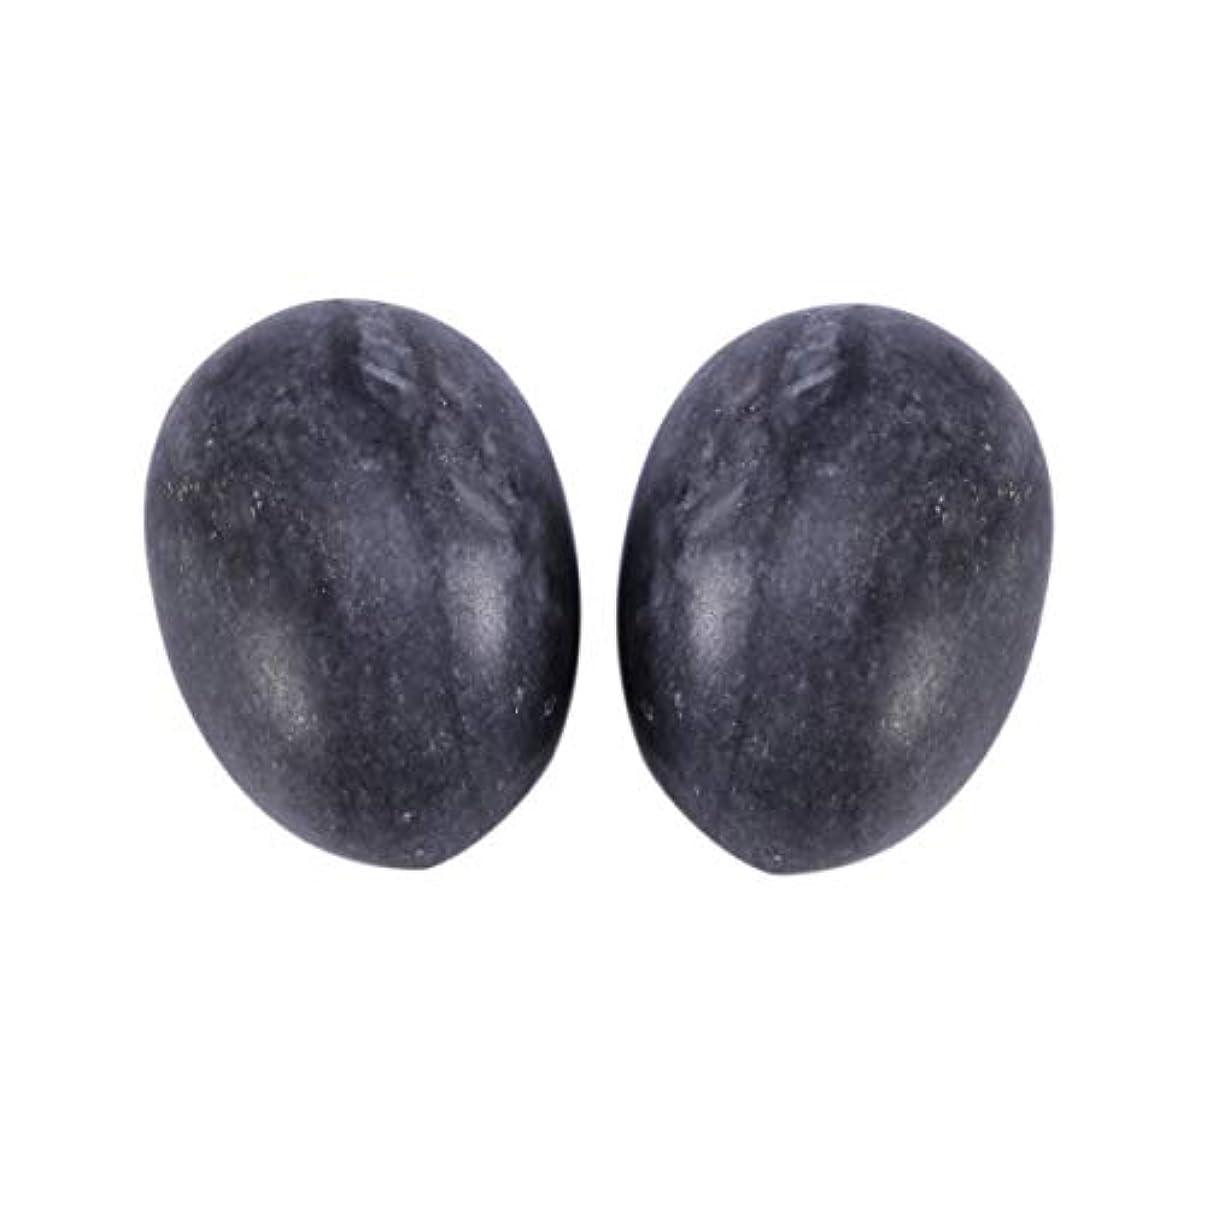 妨げるキャリッジ文言Healifty 6PCS翡翠Yoni卵マッサージ癒しの石のケゲル運動骨盤底筋運動(黒)